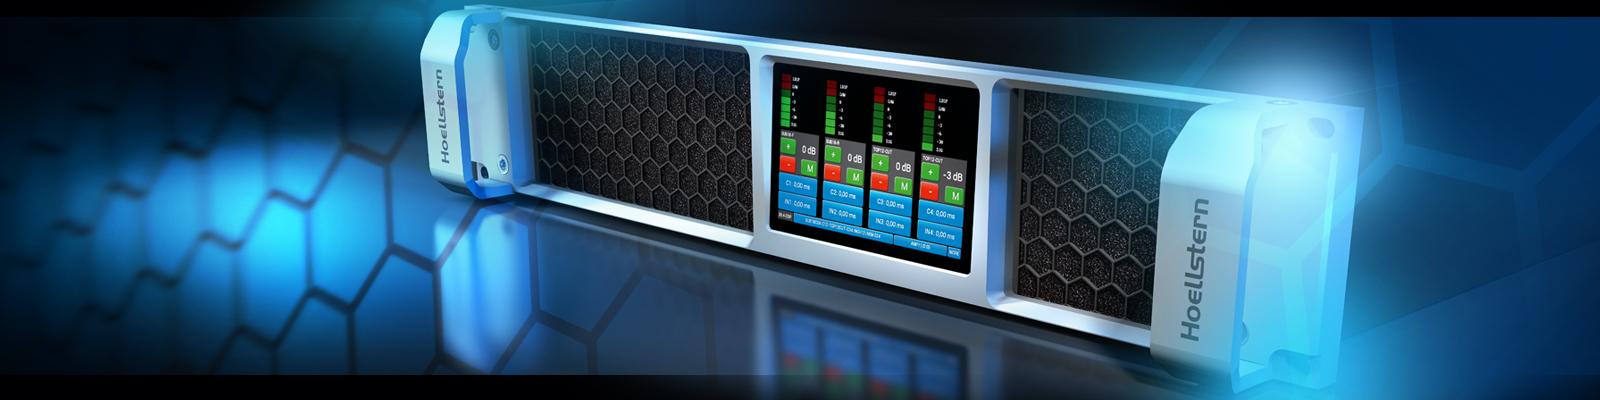 Vermarktung von Audio Equipment